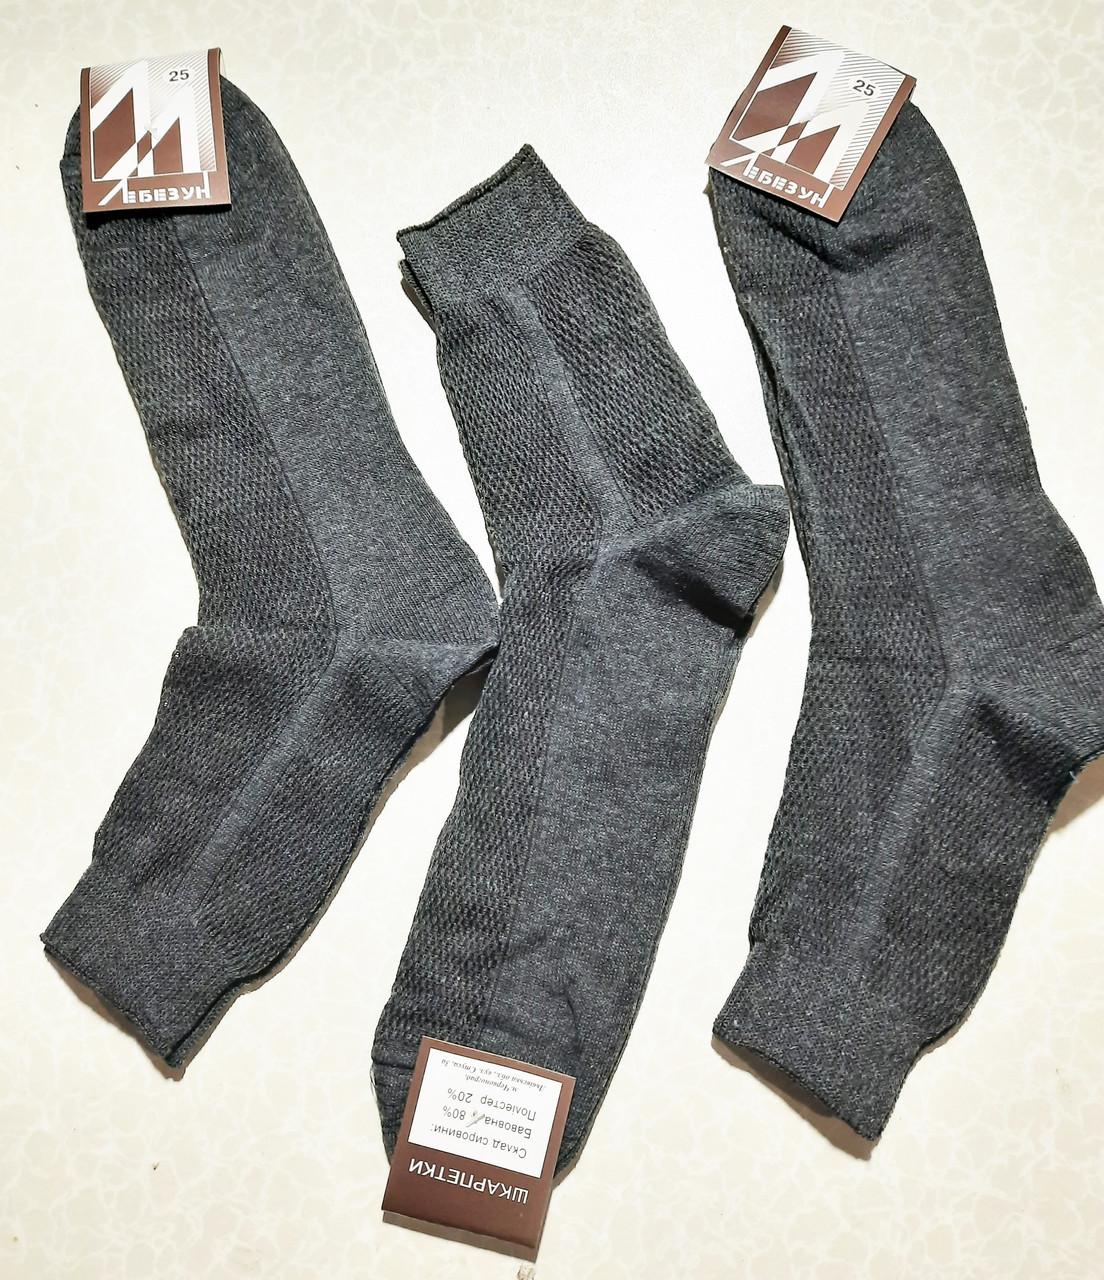 Шкарпетки чоловічі вставка сіточка бавовна р. 25 колір сірий.